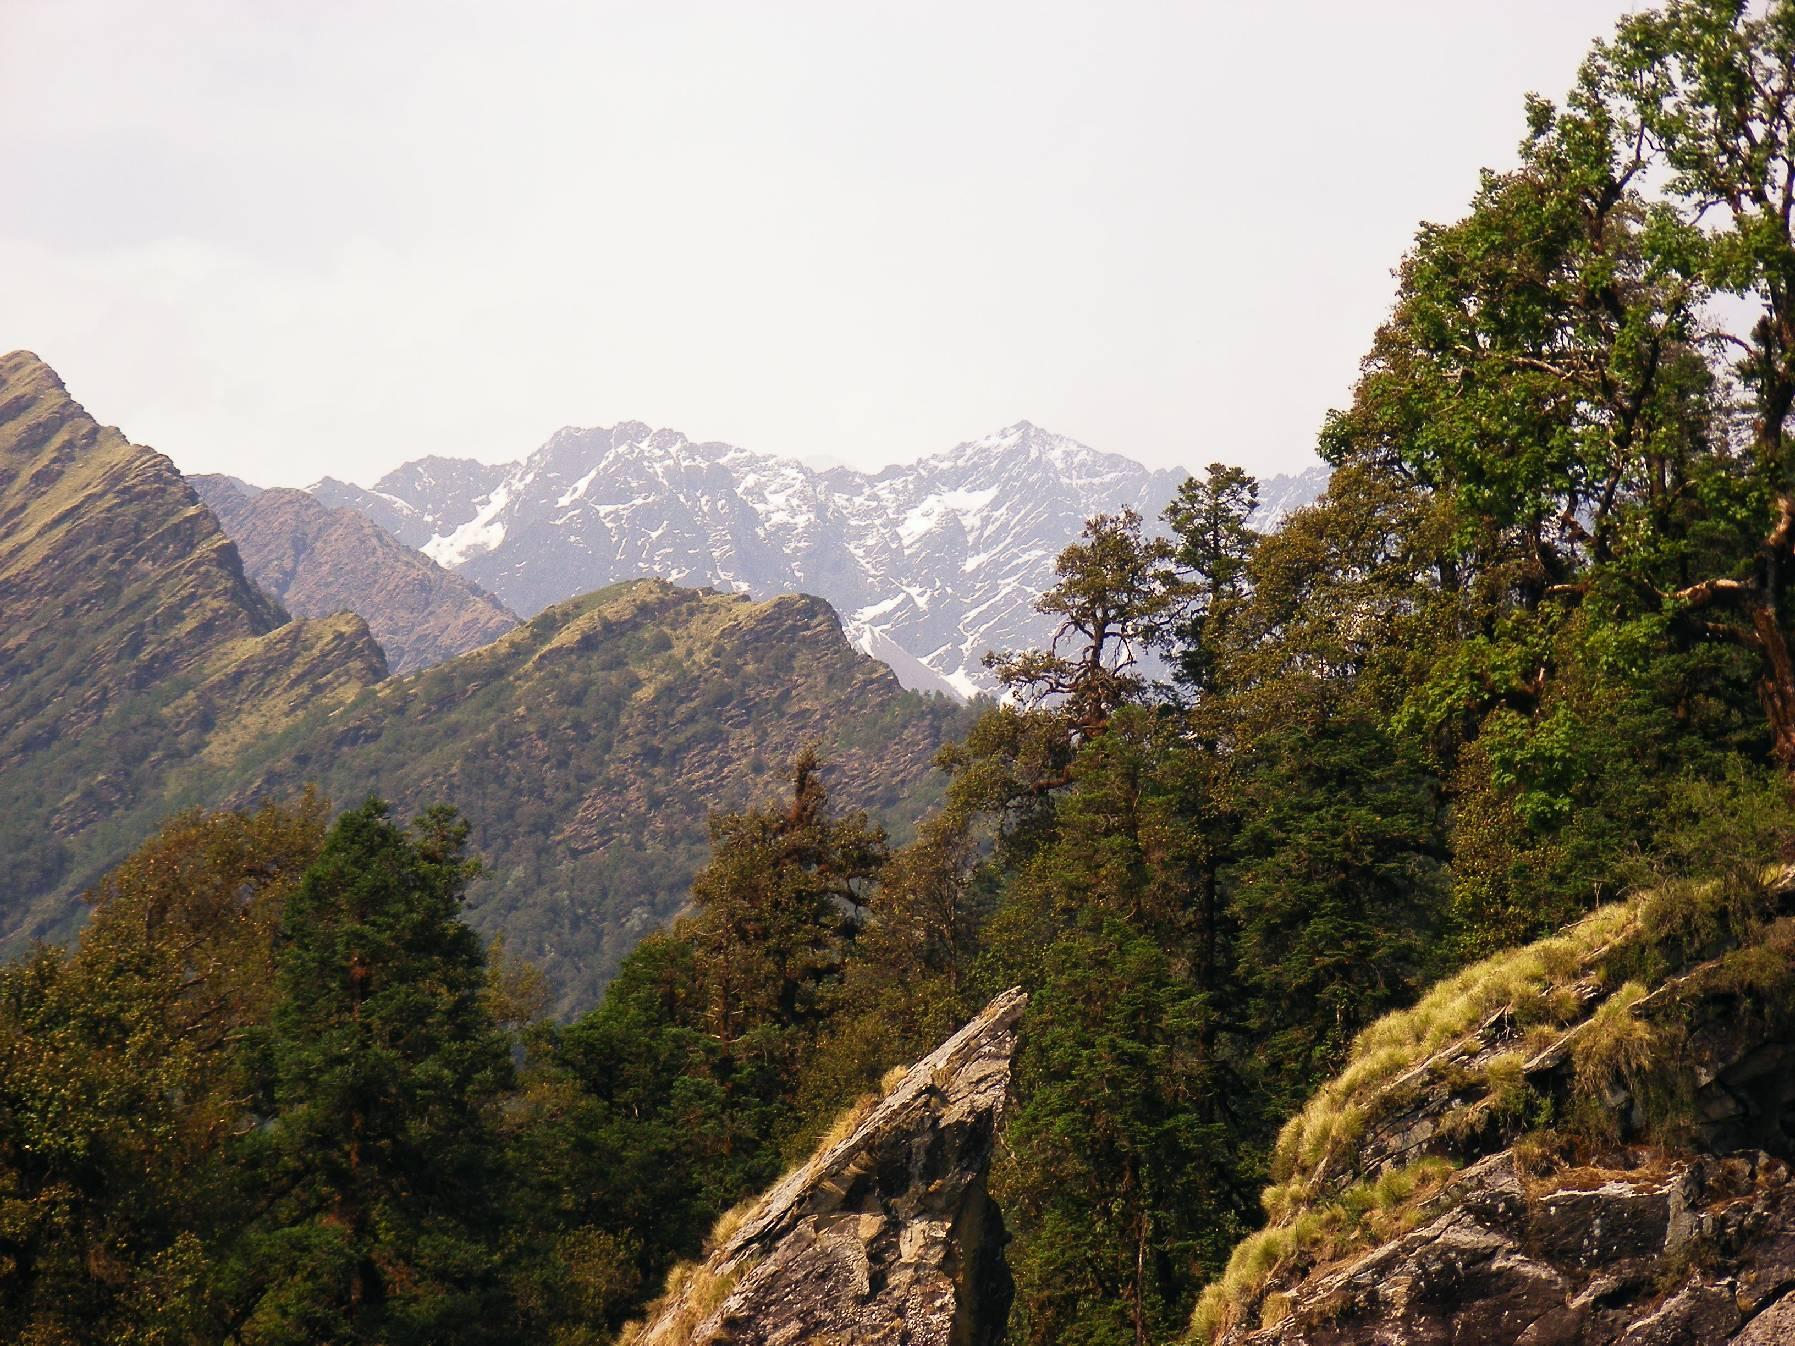 उत्तराखण्ड में पहाड़ों की गोद में बसा छोटा सा गांव कल्प निहायत ही खूबसूरत और आकर्षक है. कह सकते हैं सुकून की तलाश यहां आकर खत्म होती है. समुद्र तल से 7500 फीट की ऊंचाई पर बसा ये गांव प्राकृतिक सुंदरता से भरपूर है और सैलानियों के लिए विशेष आकर्षण का केंद्र भी है.